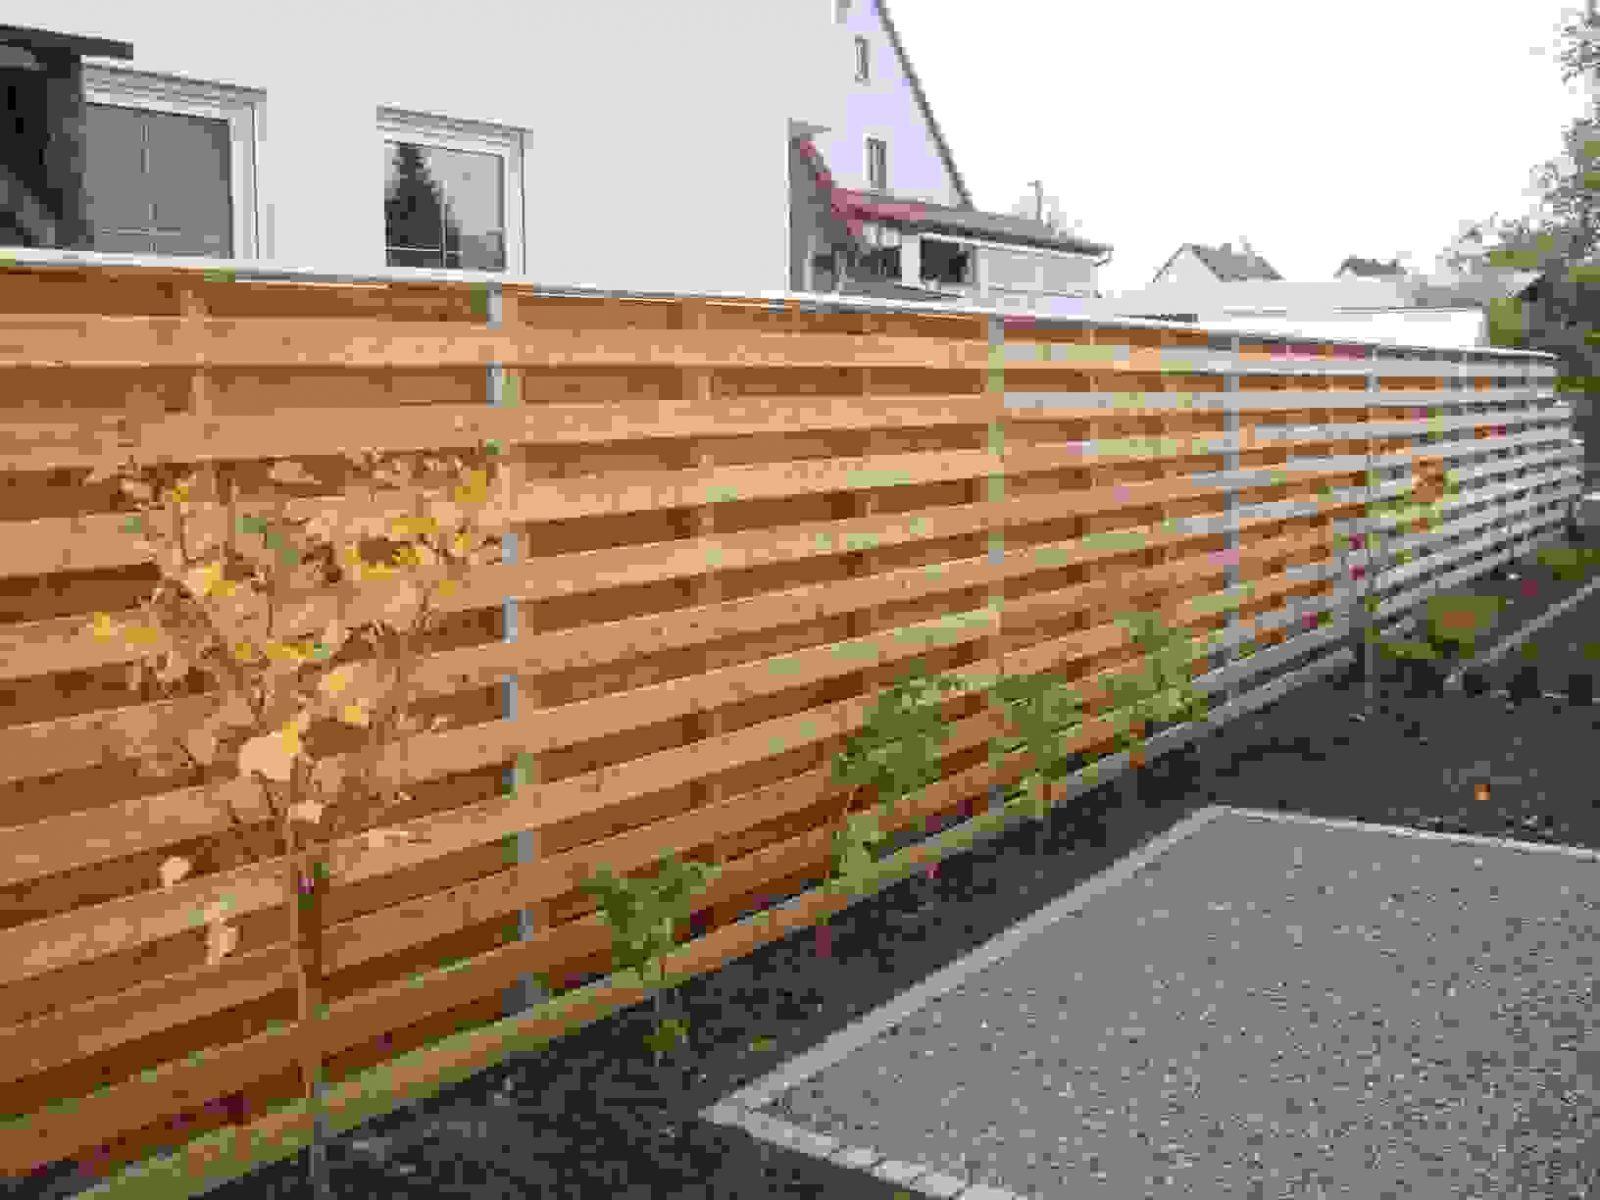 Gartenzaun Holz Sichtschutz Selber Bauen U2013 Bvrao Ist Luxus Planen Von  Sichtschutz Selber Bauen Holz Photo